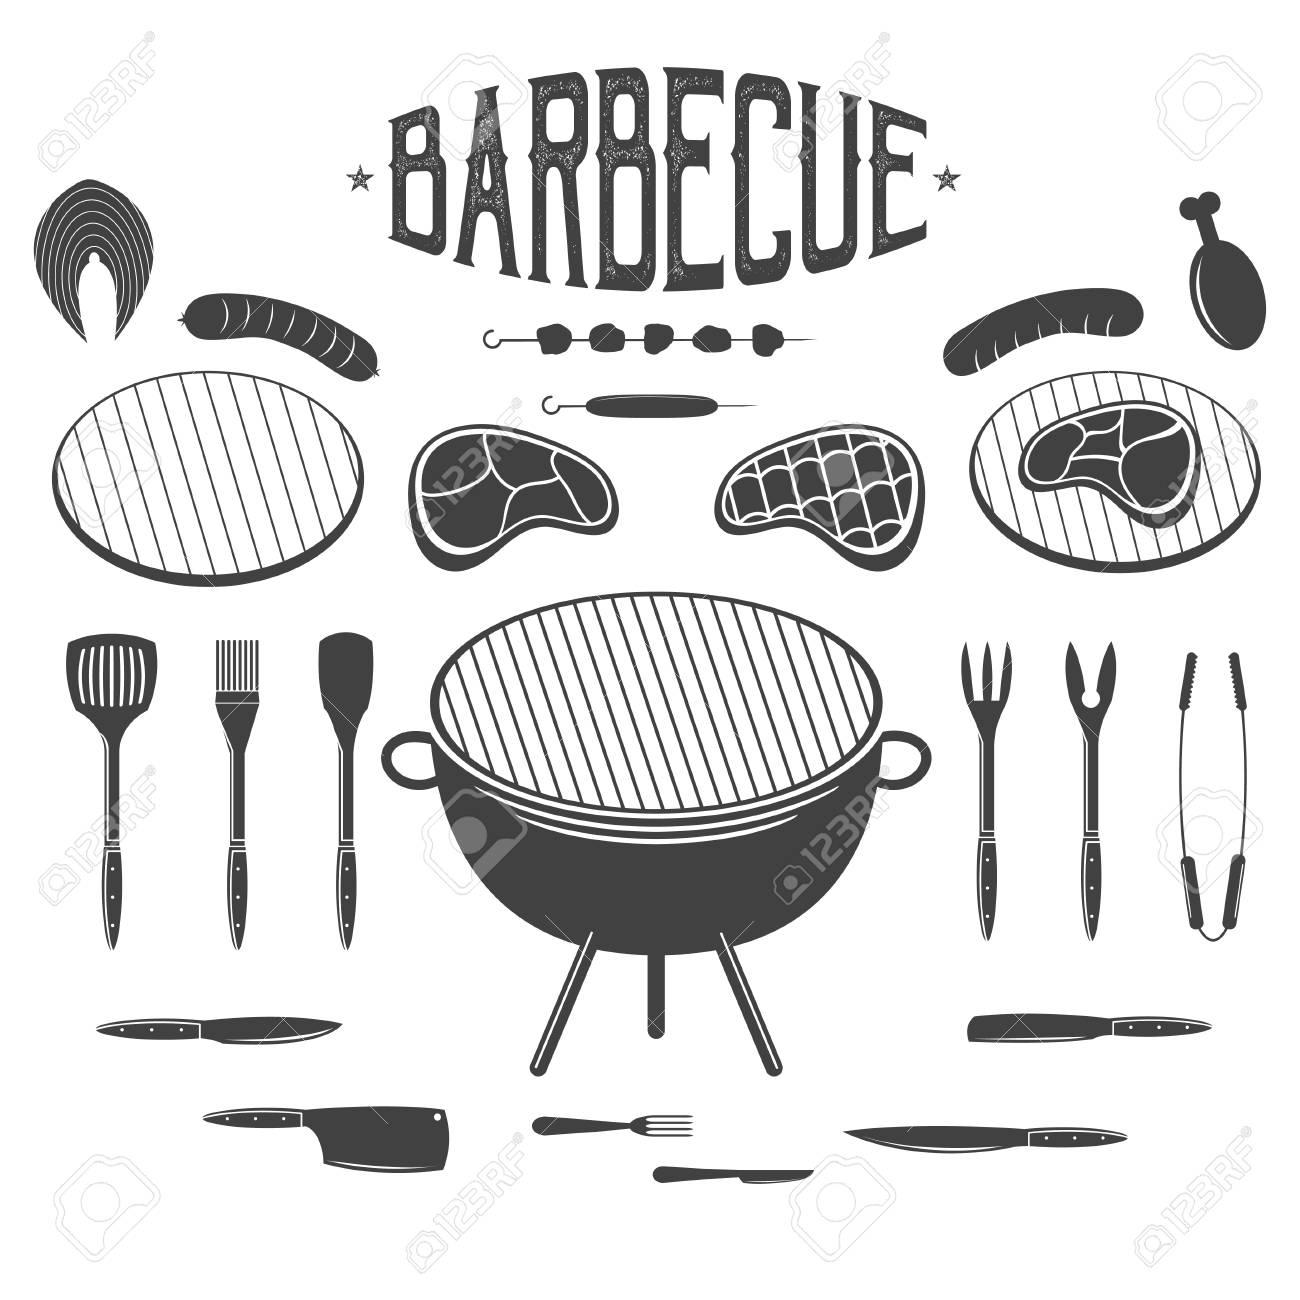 Un Barbecue éléments De Conception De Barbecue Et Grill équipement Viande Poulet Saucisse Kebab Icônes étiquettes Pour Steak House Ou Bar